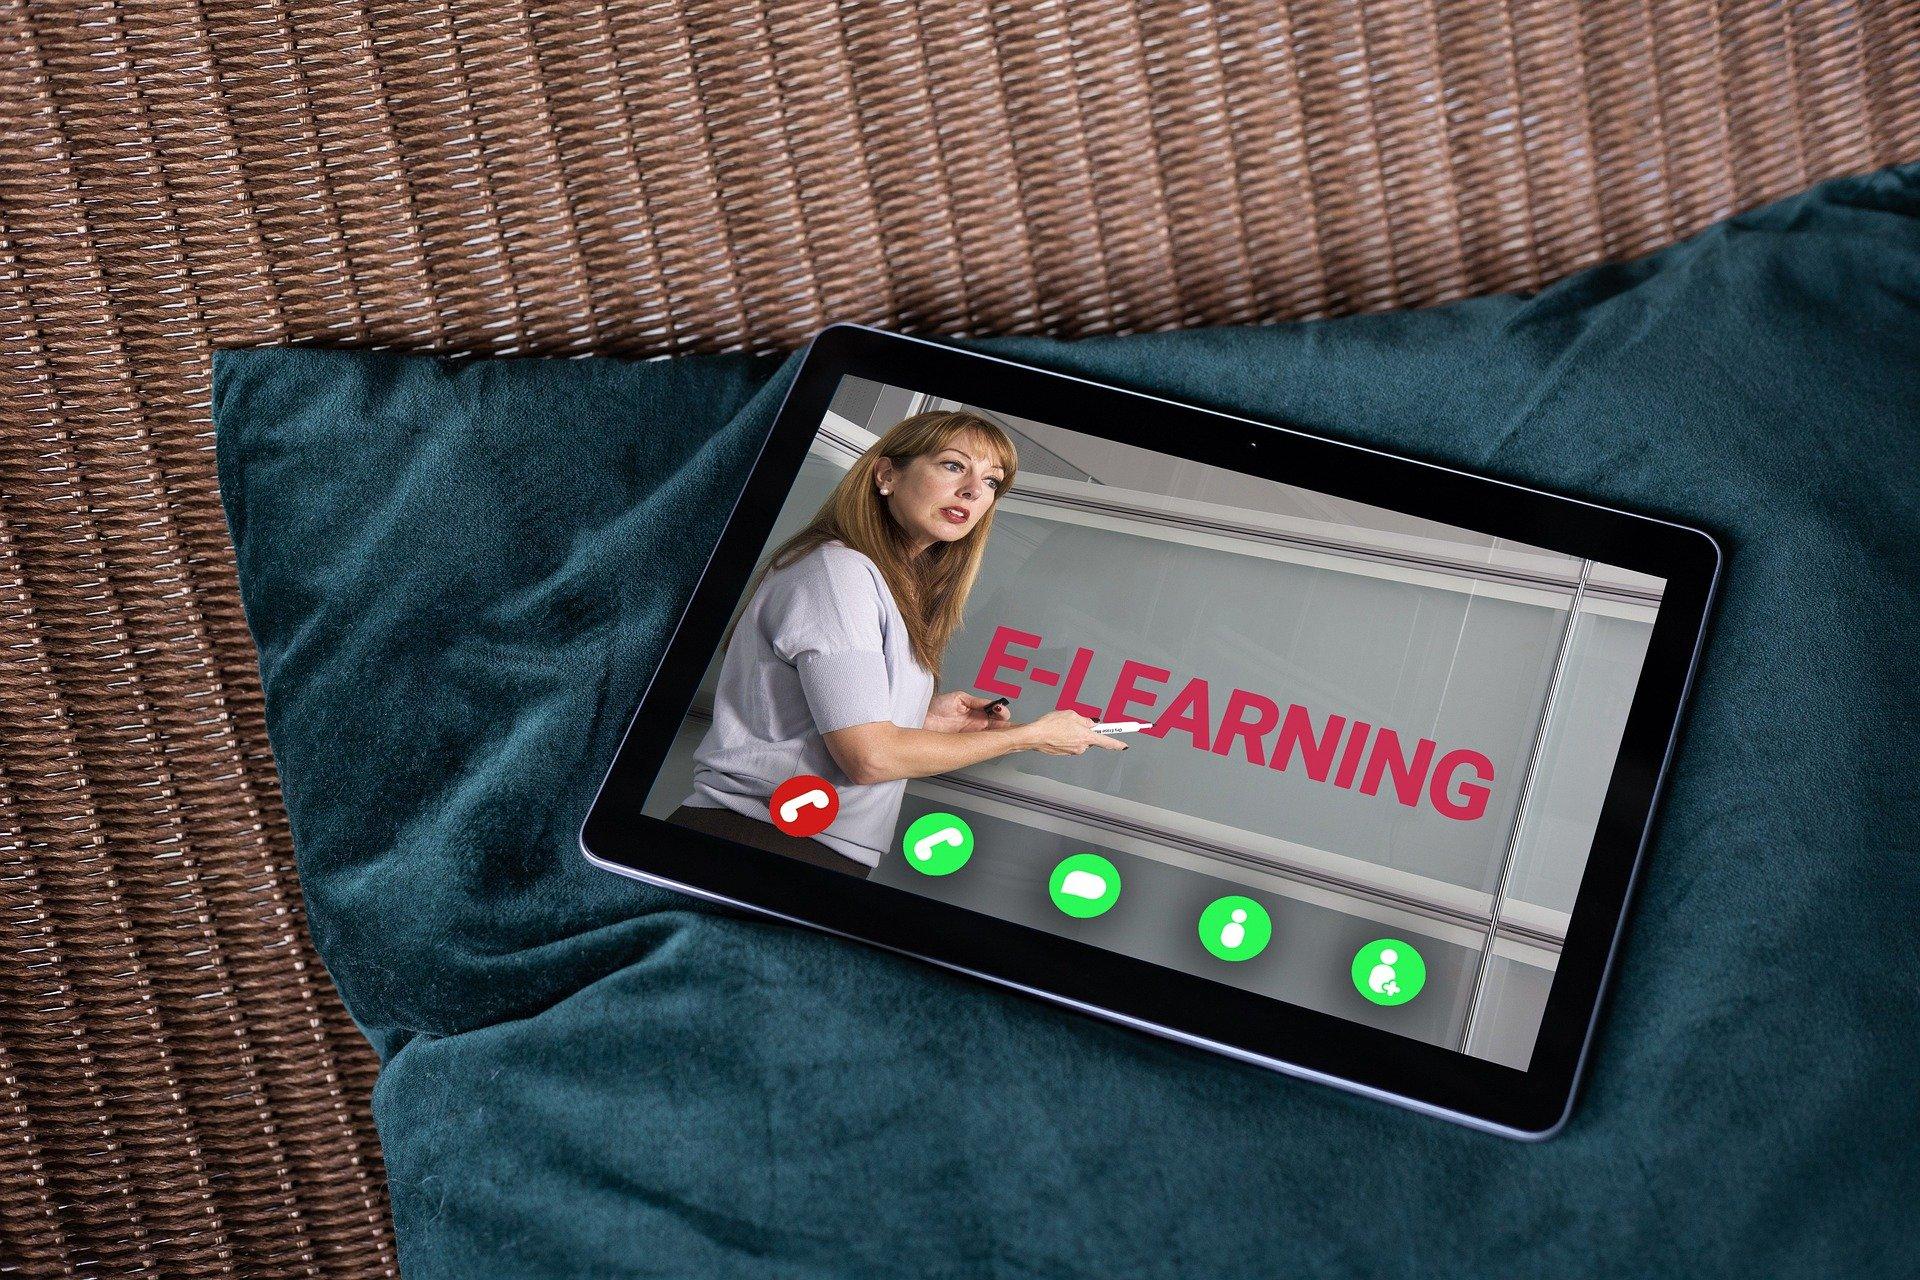 Szkolenia on-line – wzrost kompetencji i umiejętności pracownika w czasie COVID-19